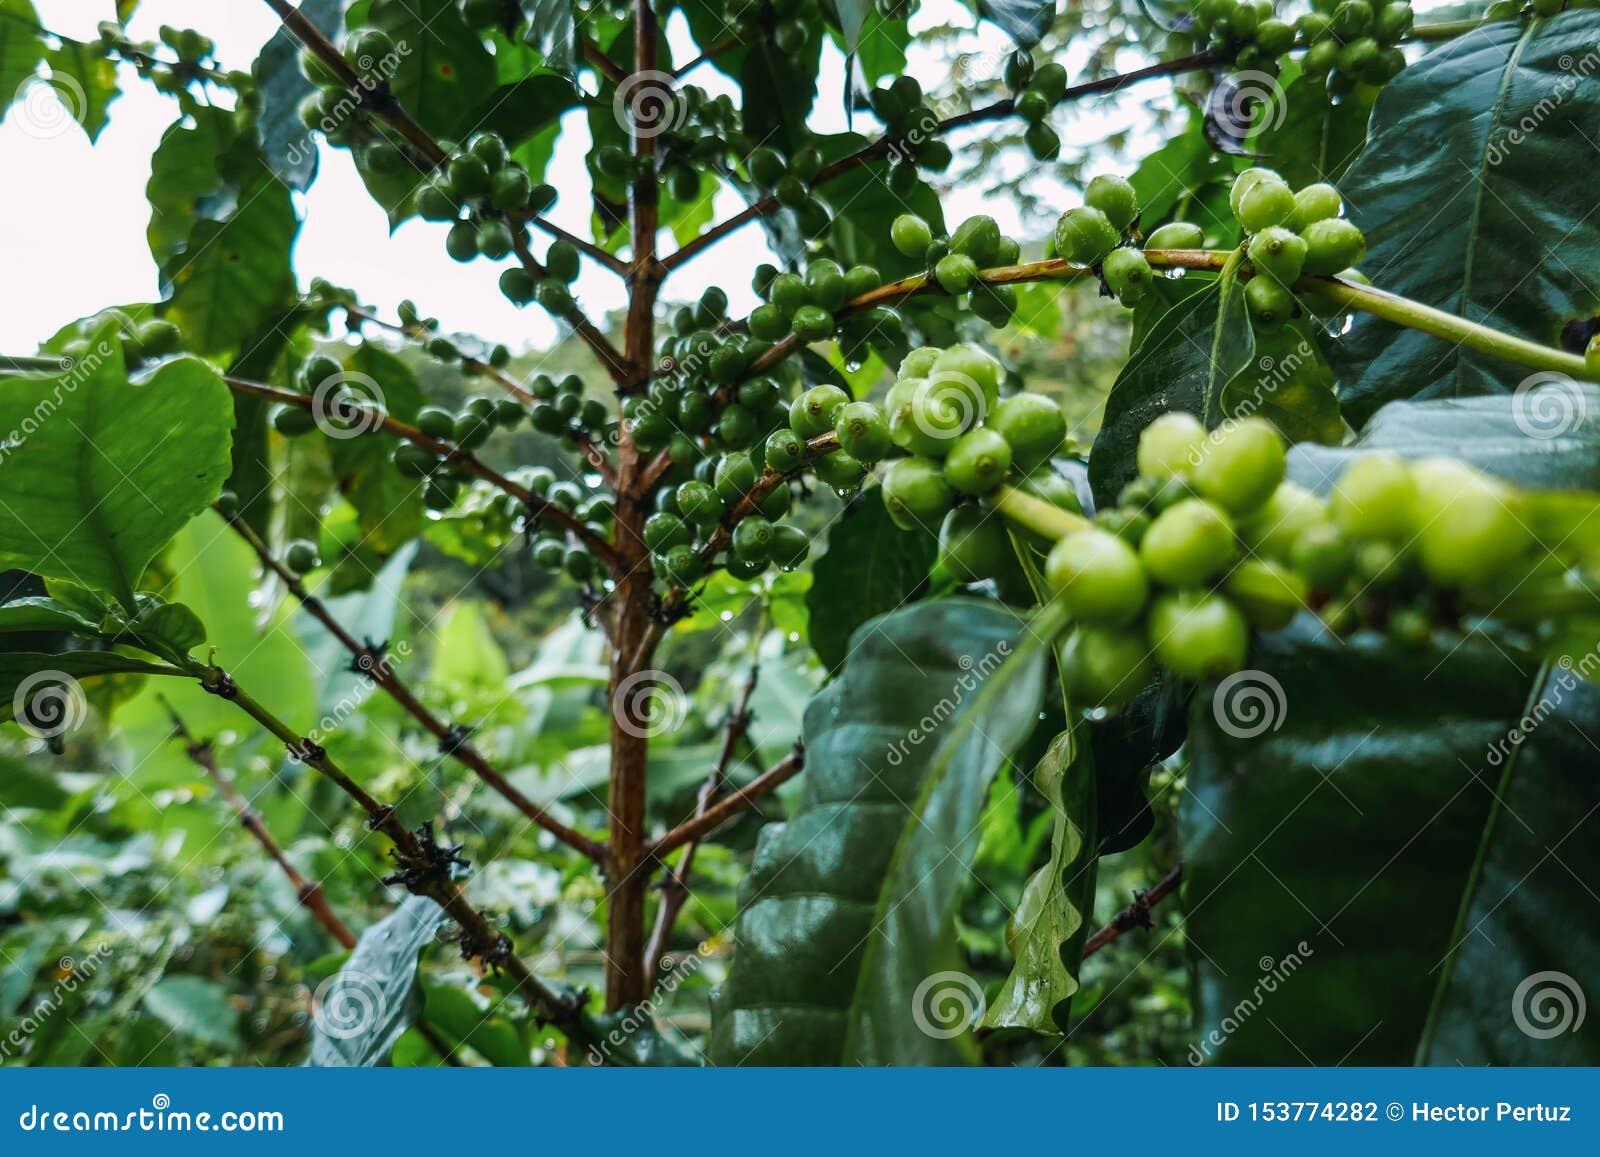 Owoc kawa w początkowym stanie